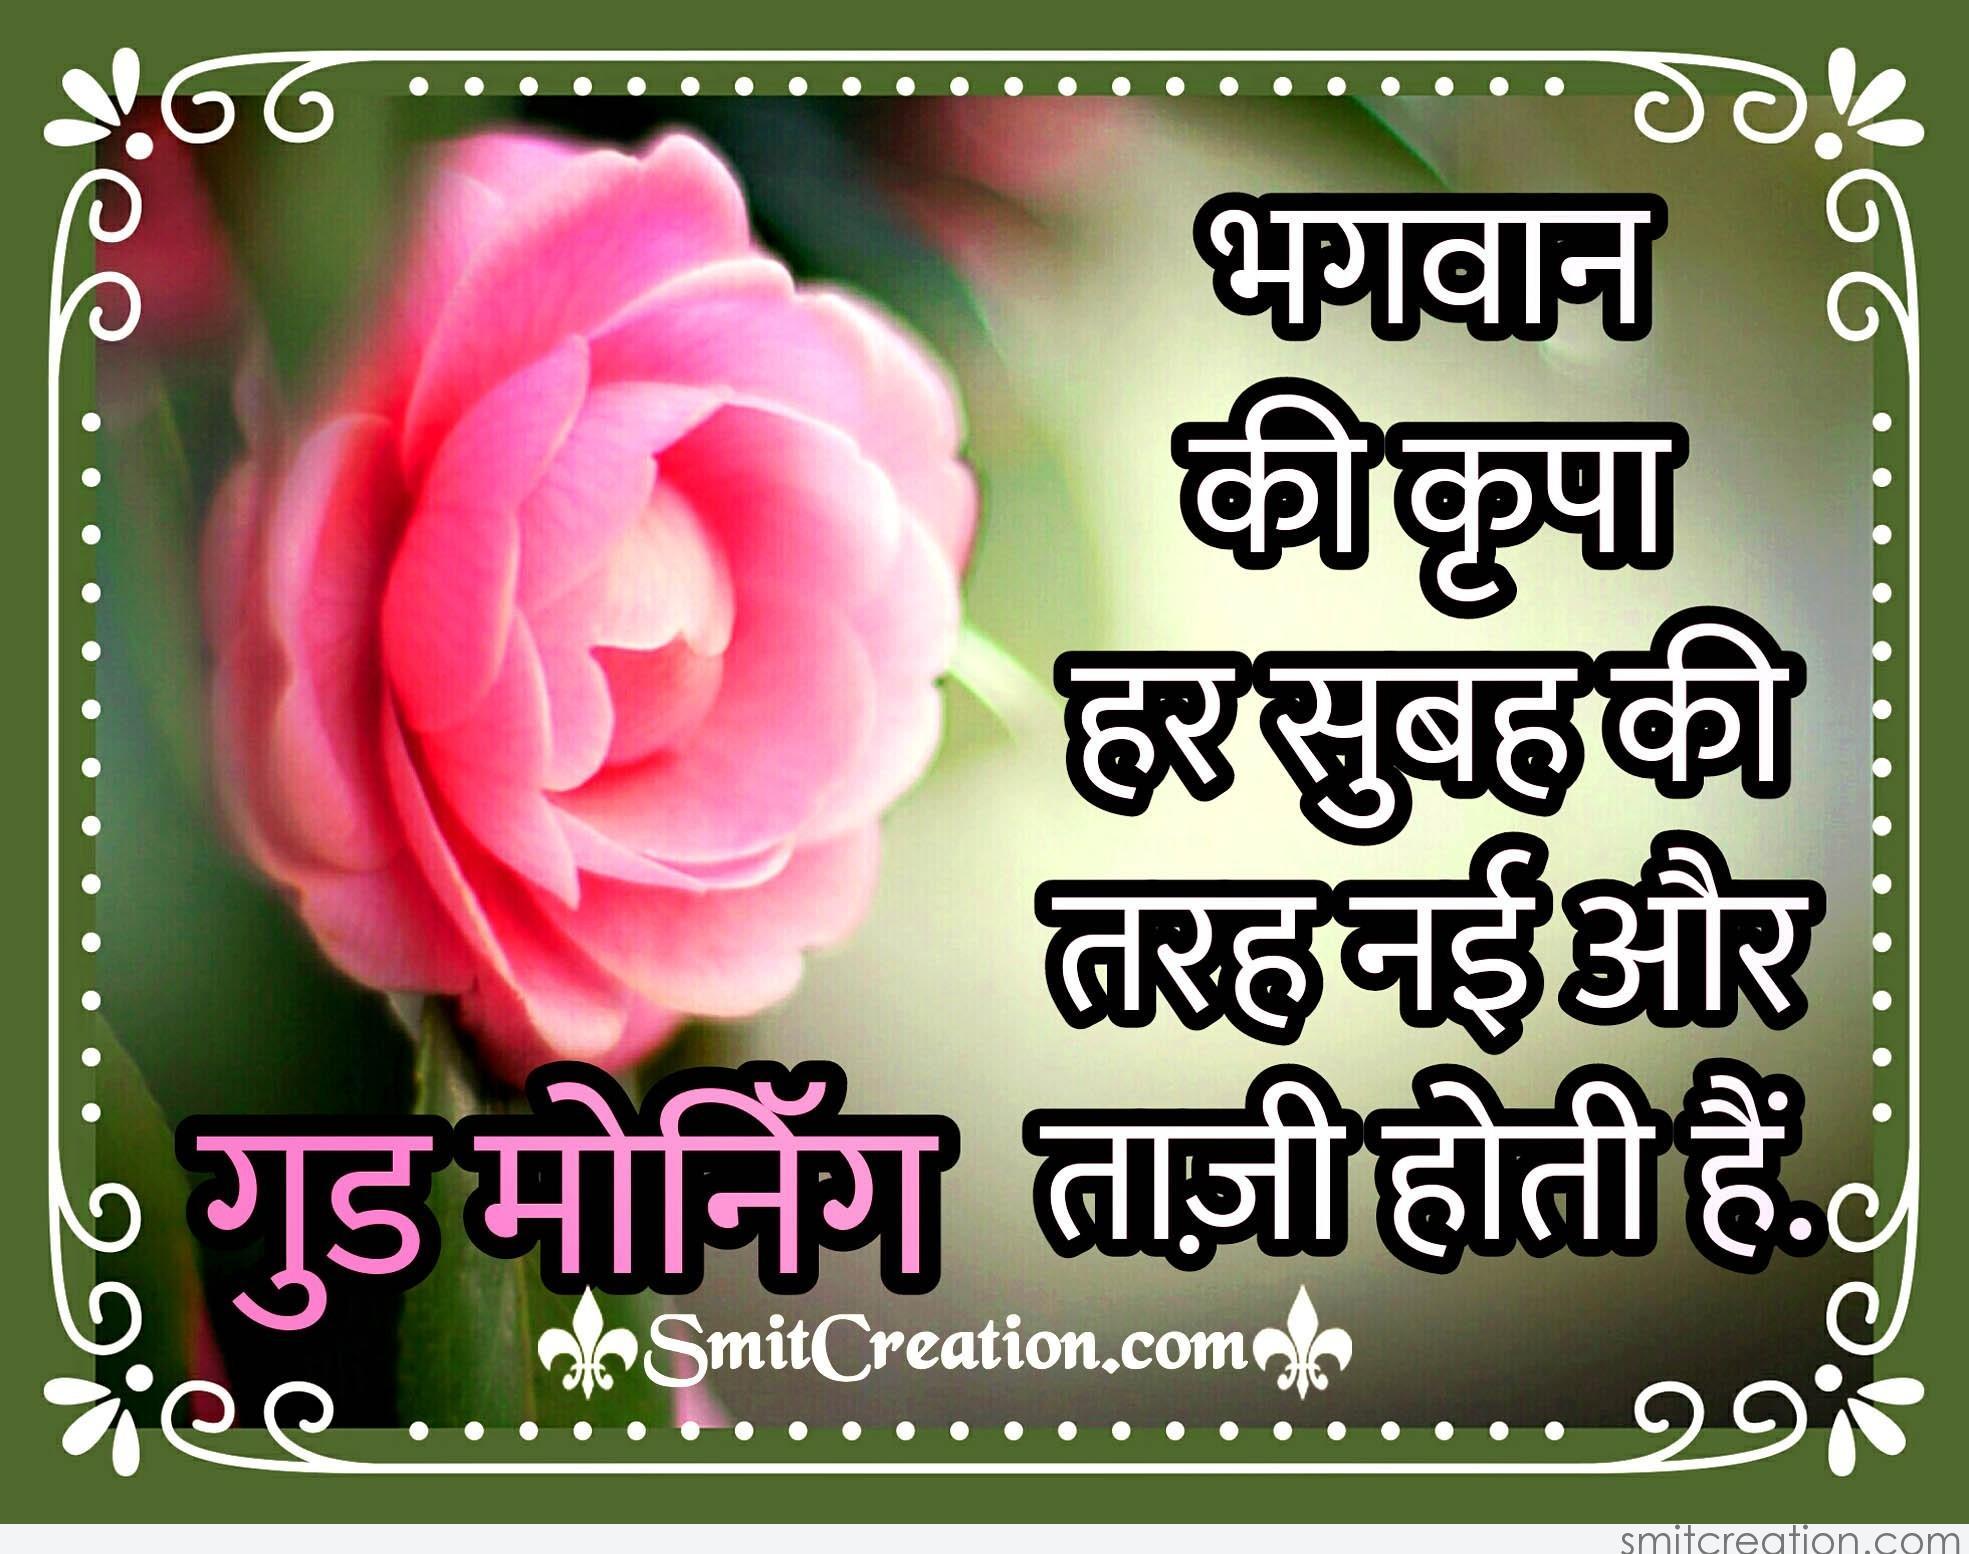 Good Morning Bhagwan Ki Krupa Har Subah Ki Tarah Nayi Aur Tazi